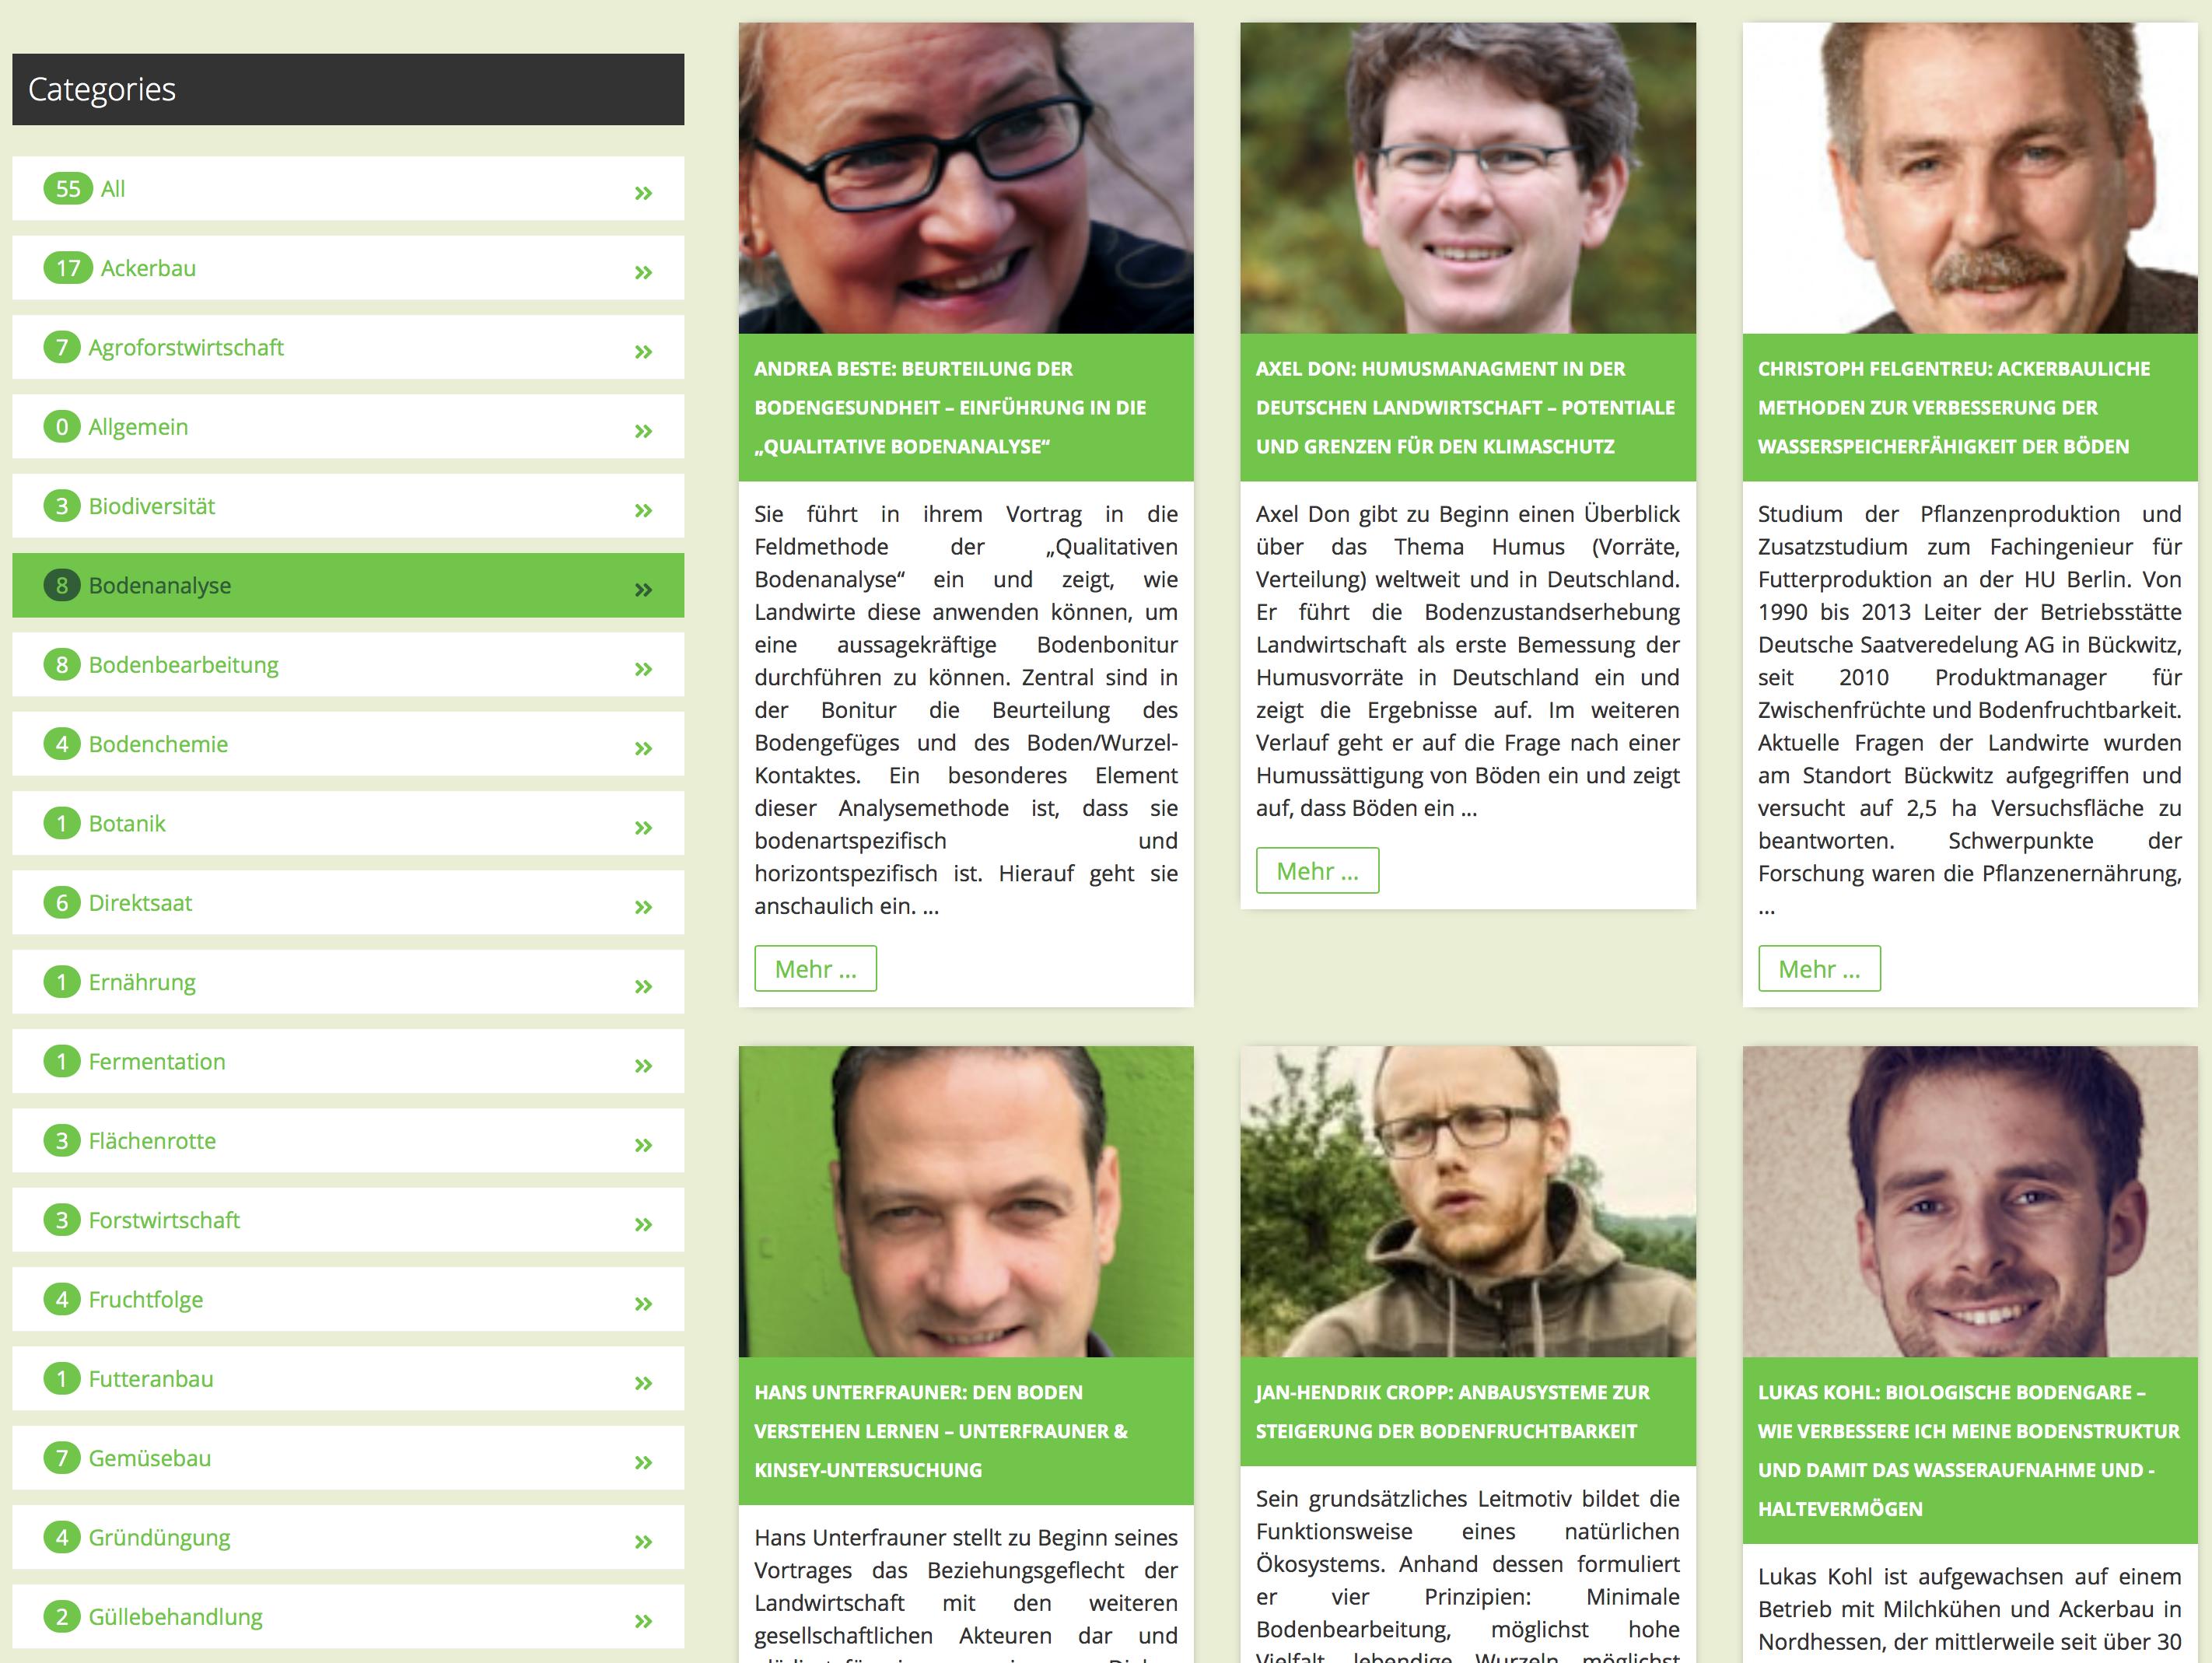 Einzelwebinare der Webinar-Reihen »Aufbauende Landwirtschaft« stehen neu zur Verfügung